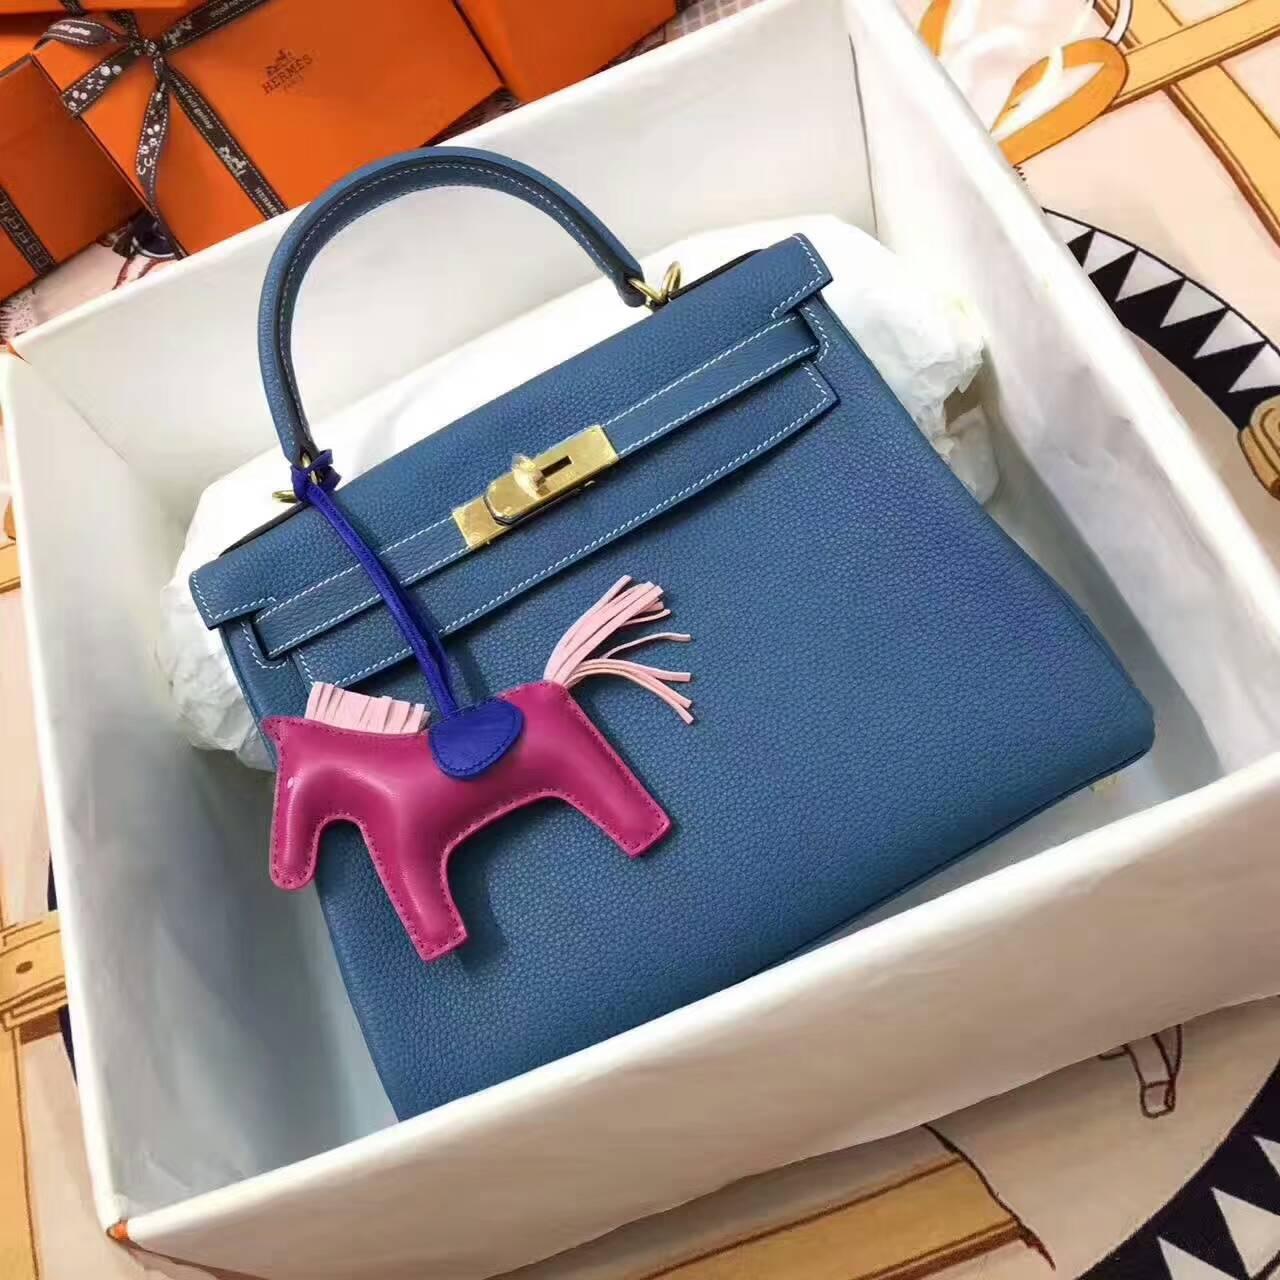 爱马仕包包 全球同步发售 Kelly 28cm Togo 法国原产小牛皮 75 Blue Jean 牛仔蓝 金扣